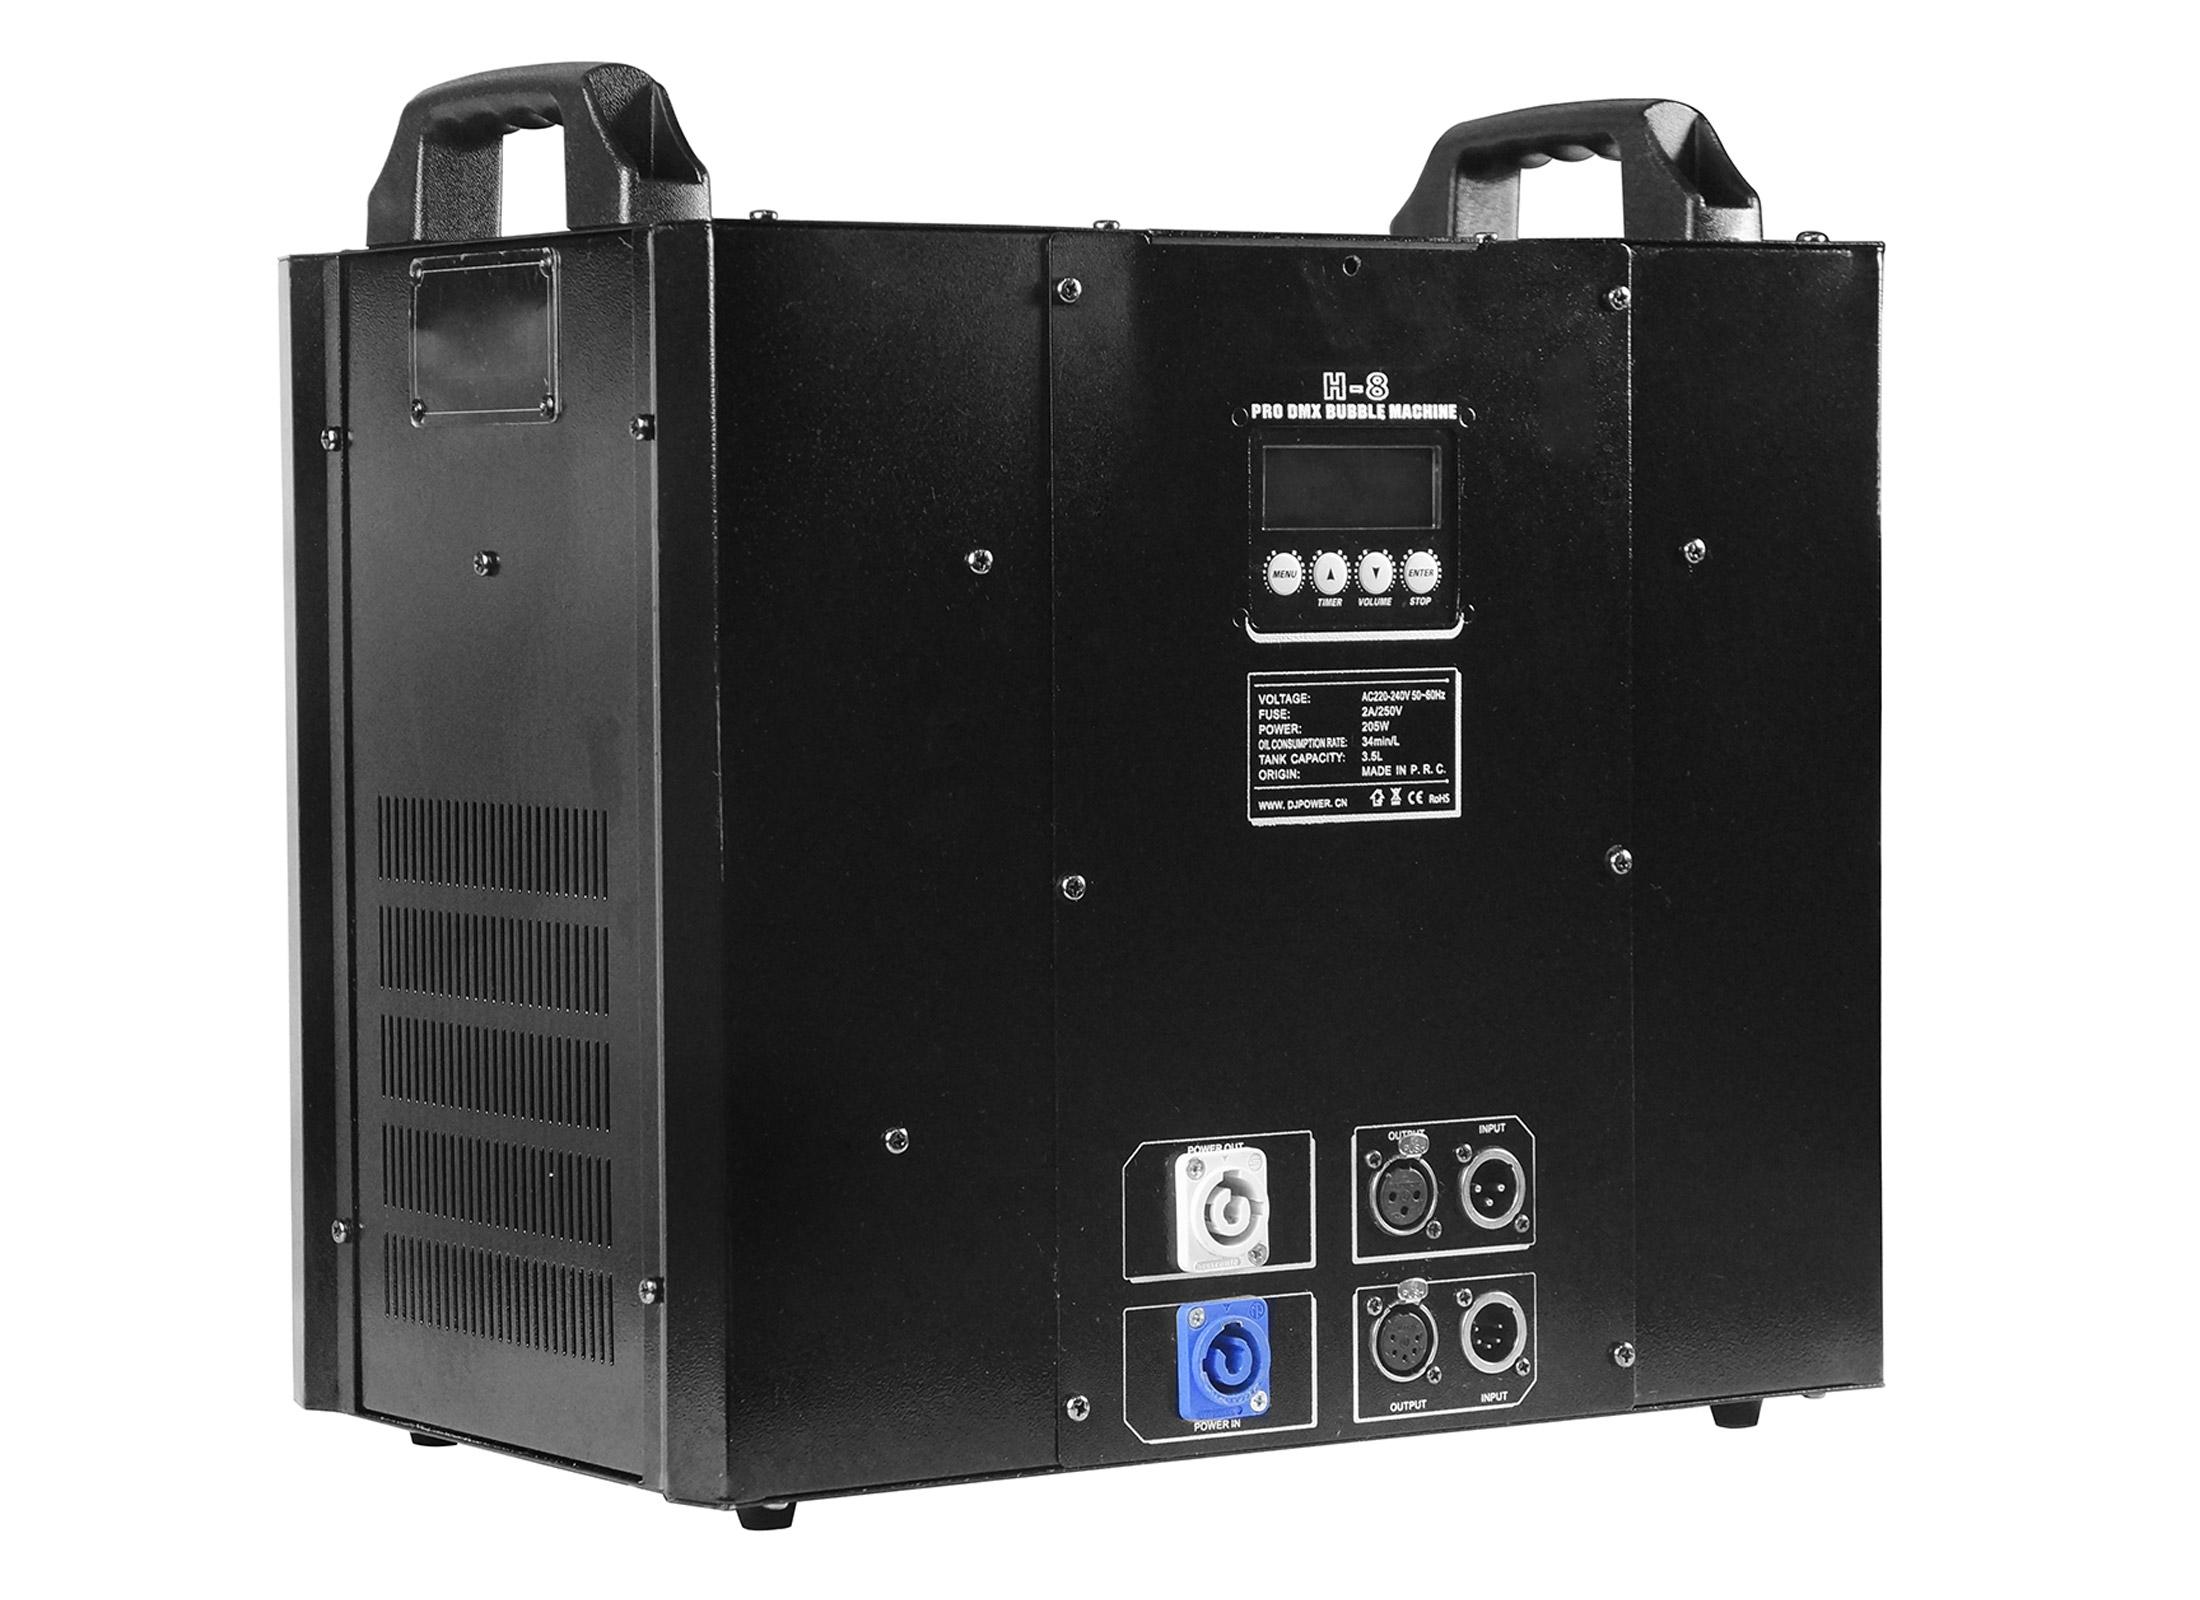 Bühnenbeleuchtung & -effekte Nett Eurolite Seifenblasenmaschine Schwarz Effektmaschinen